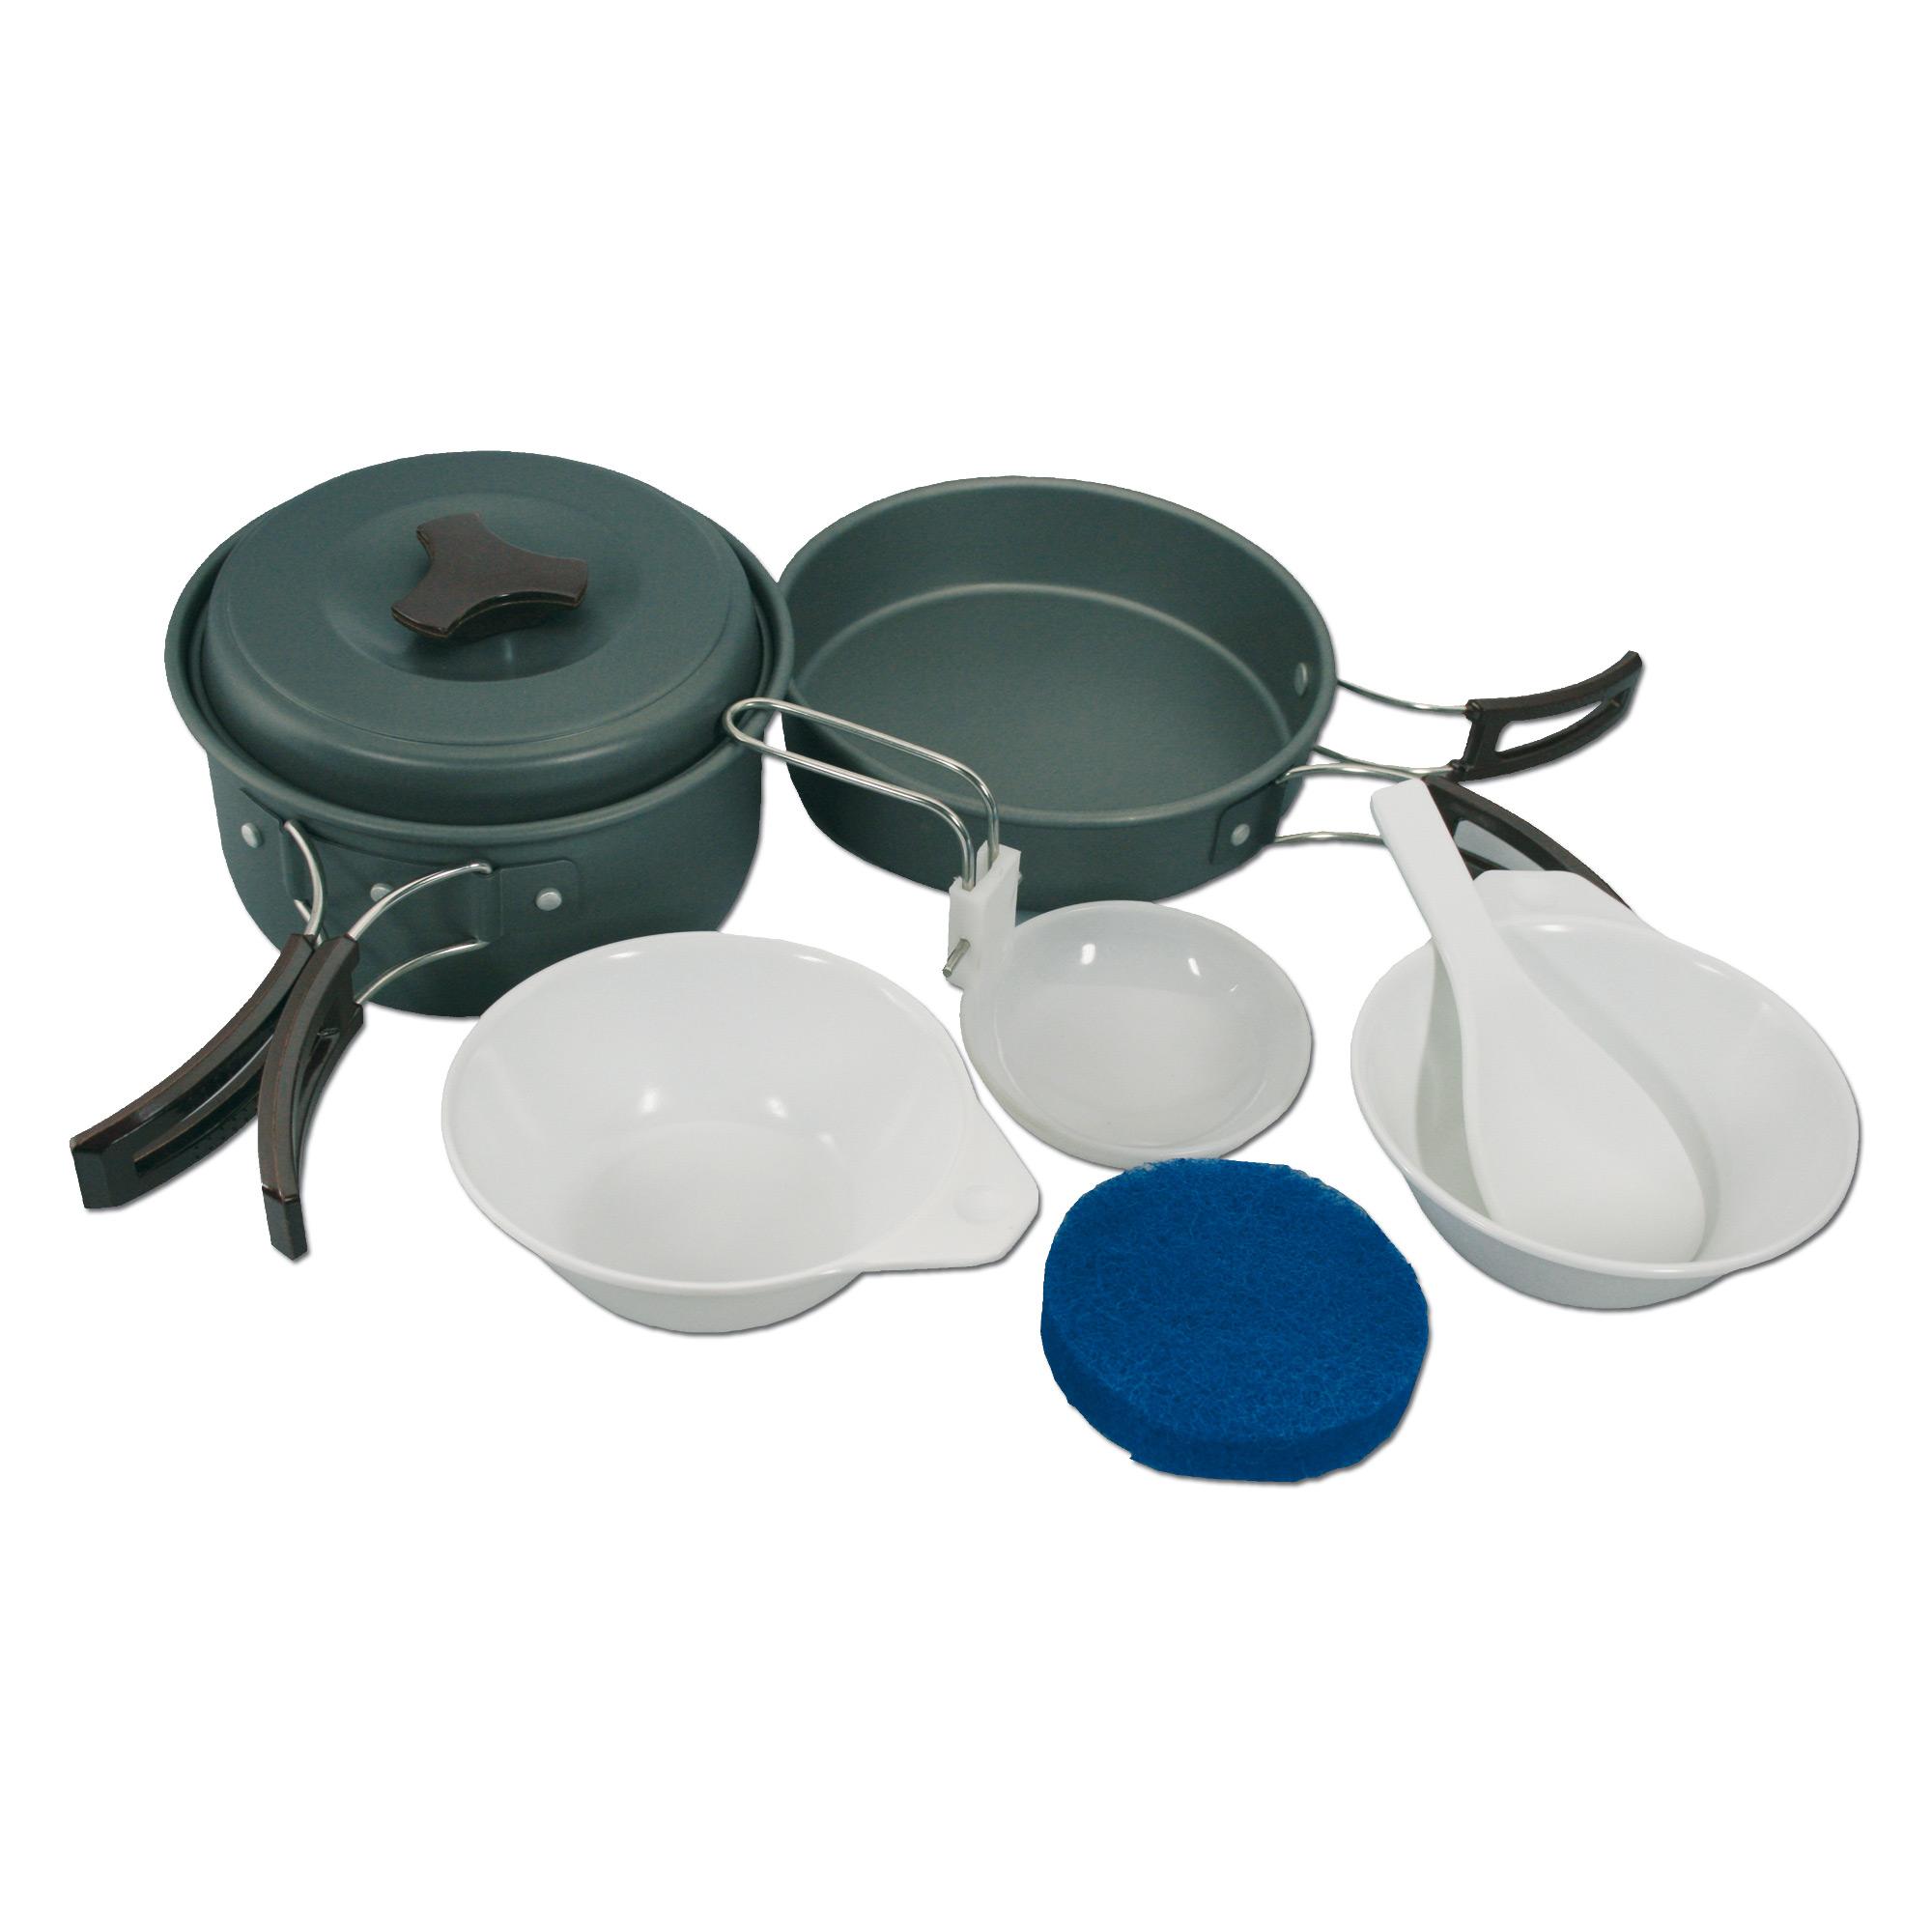 Set de cocina Mil-Tec - 2 personas aluminio anodizado